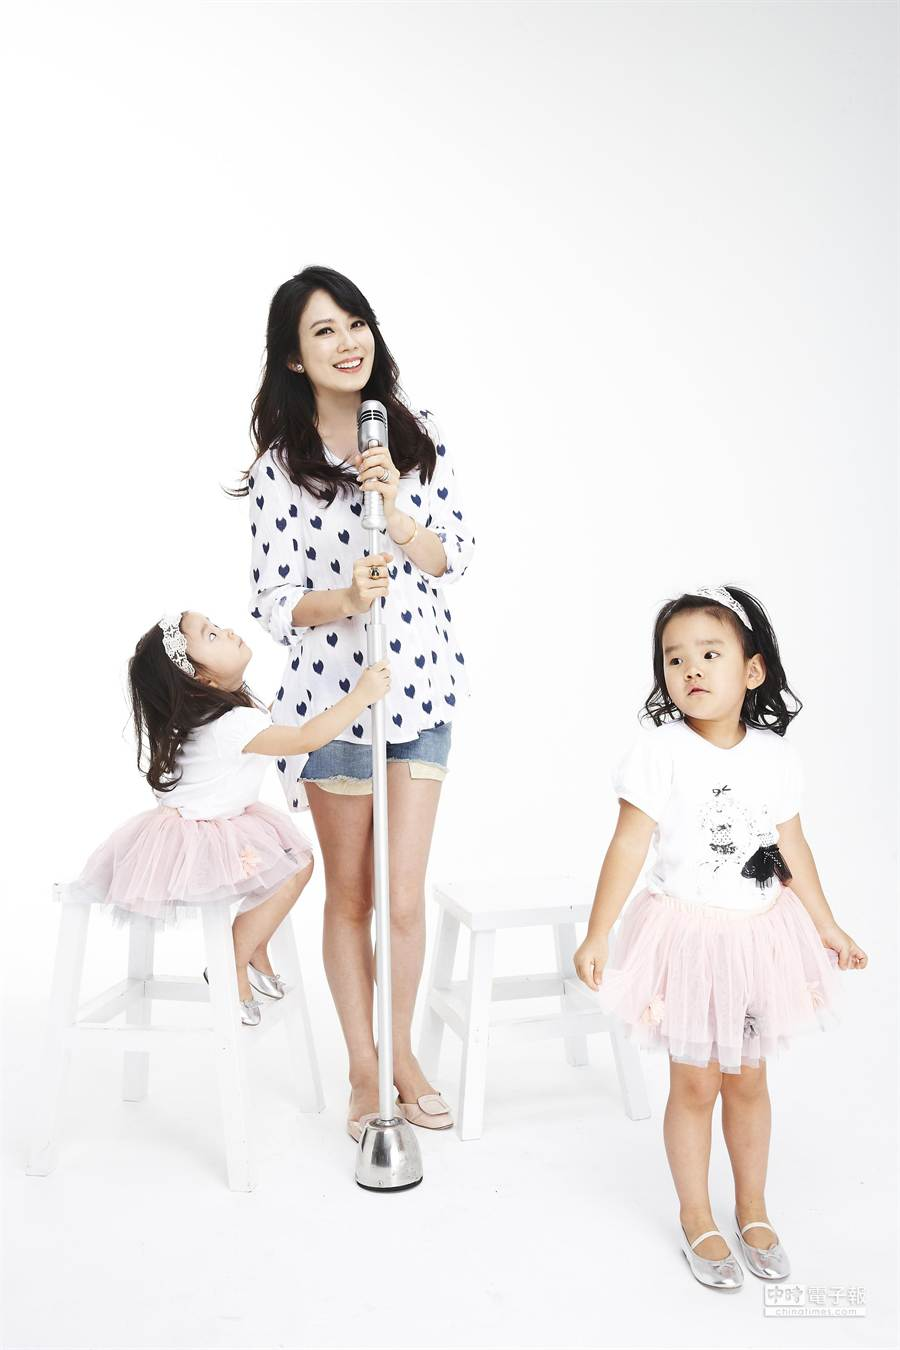 Melody(中)和兩個女兒一起合唱錄單曲。(豐華提供)